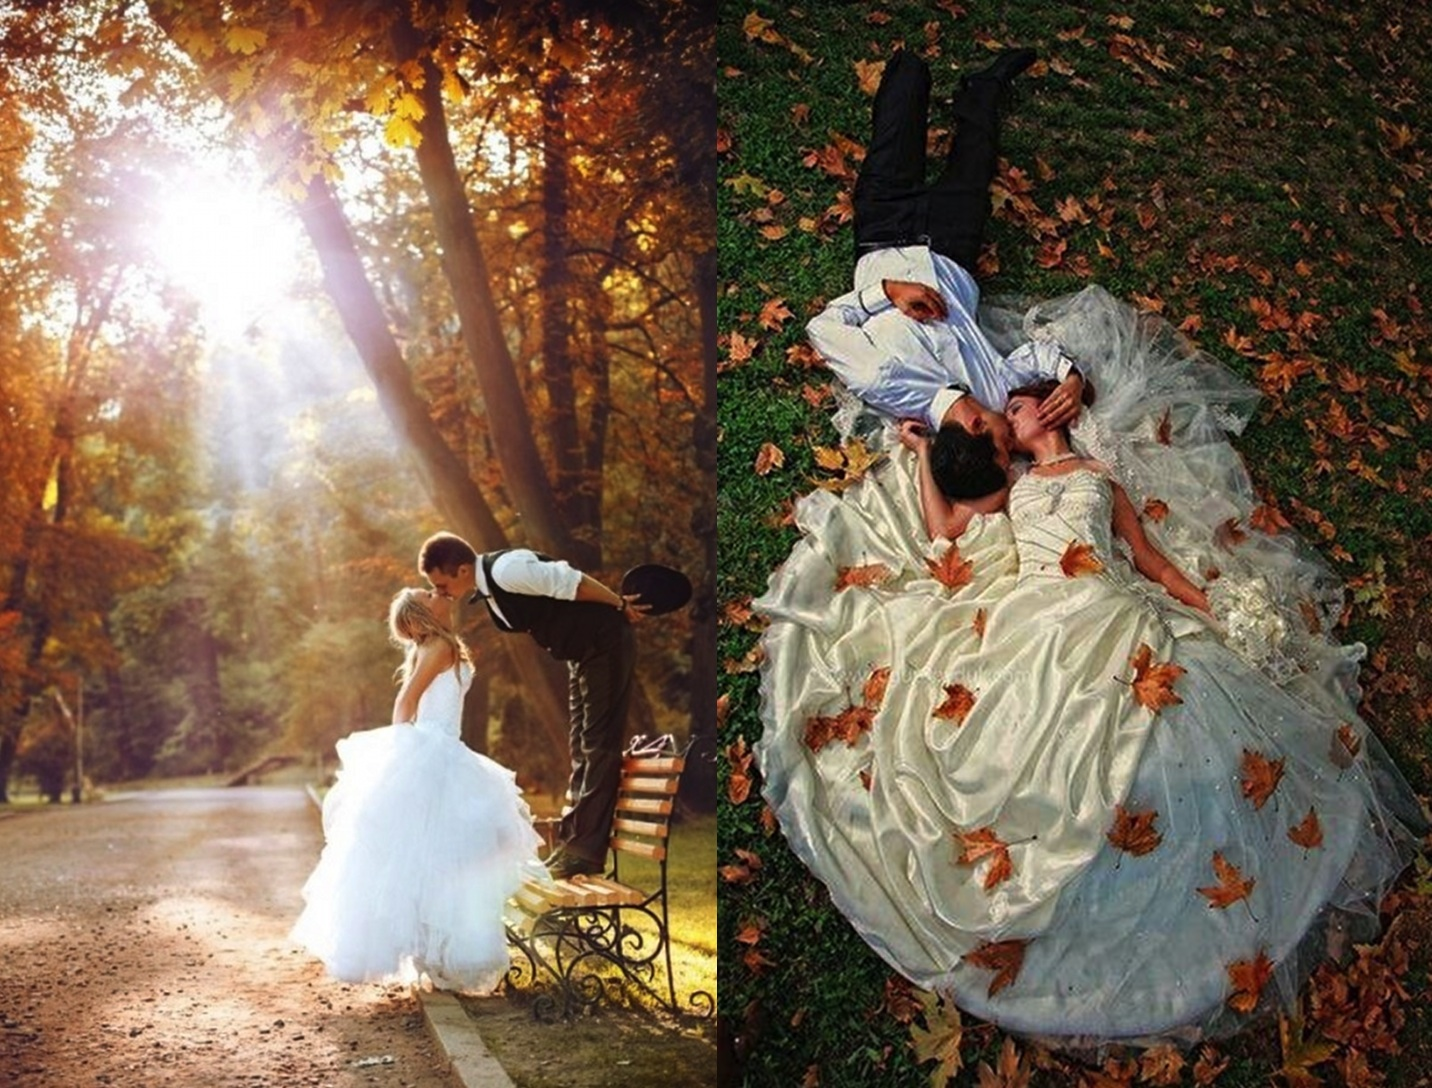 matrimonio in autunno alba bra barolo cherasco cuneo piemonte tendenze wedding langhe e roero sposarsi colori idee originali